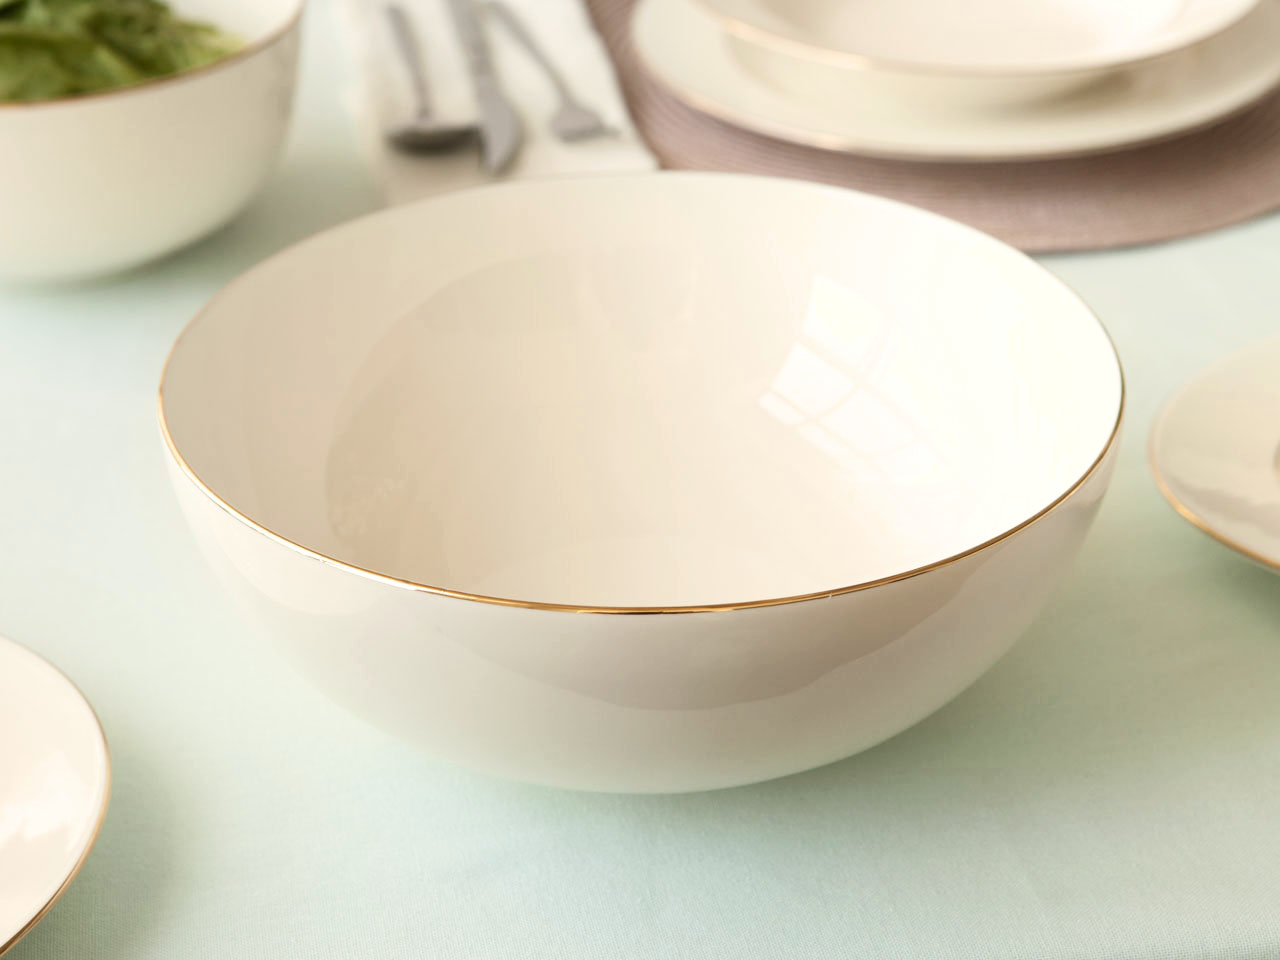 Miska / Salaterka okrągła porcelanowa MariaPaula Ecru Nova Złota Linia 25 cm